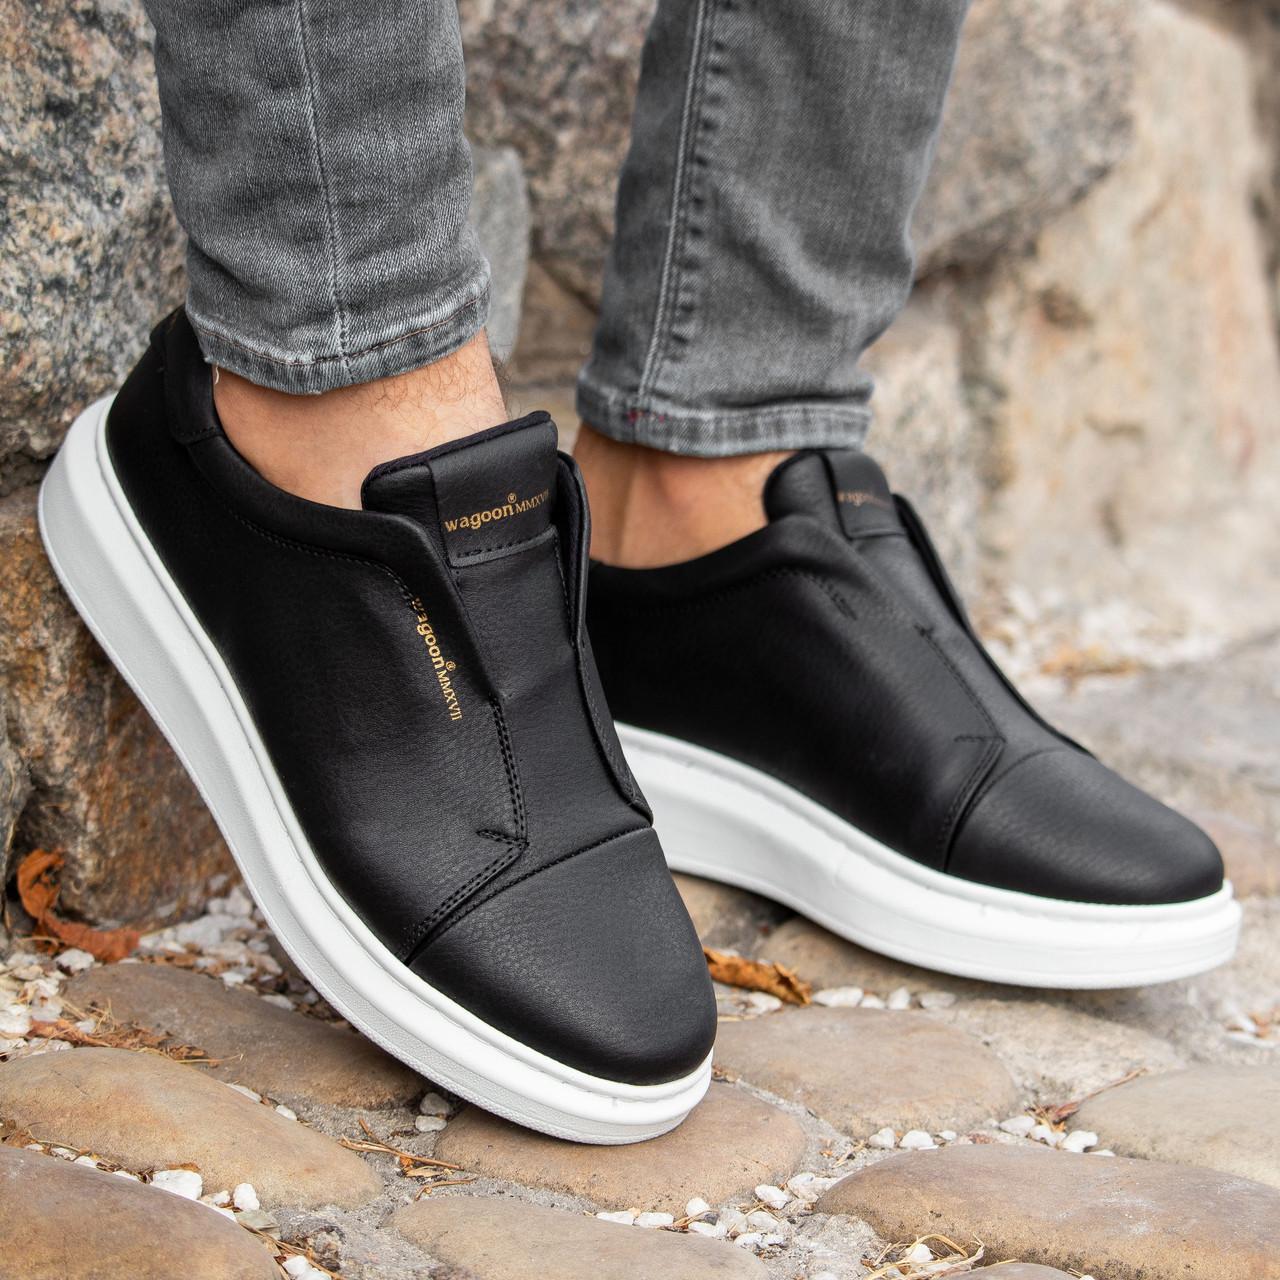 Мужские черные кроссовки Wagoon Чоловічі Кросівки Размер 40,41,42,44